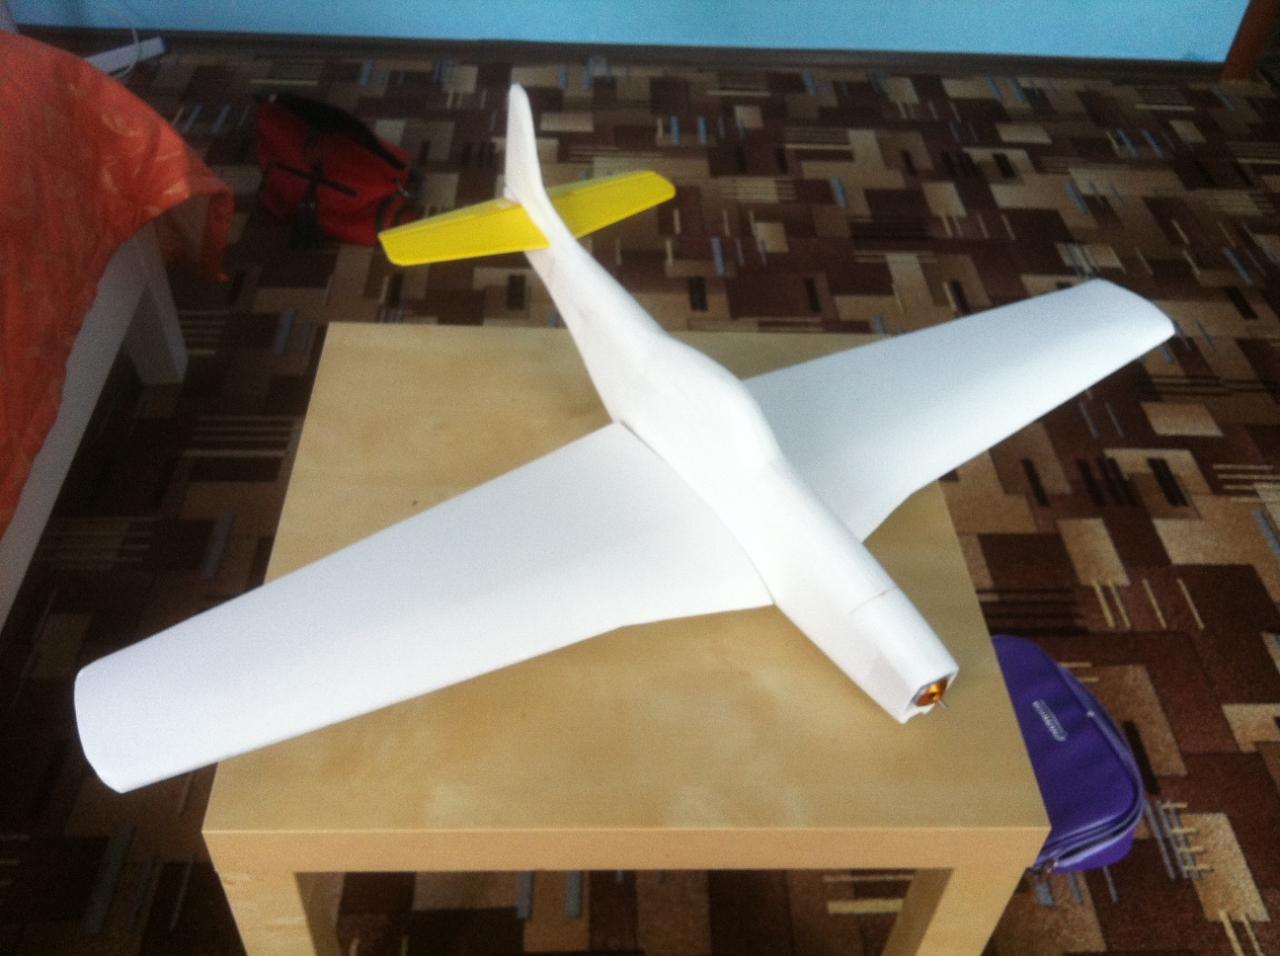 Самолеты из потолочки как их сделать не на моторе